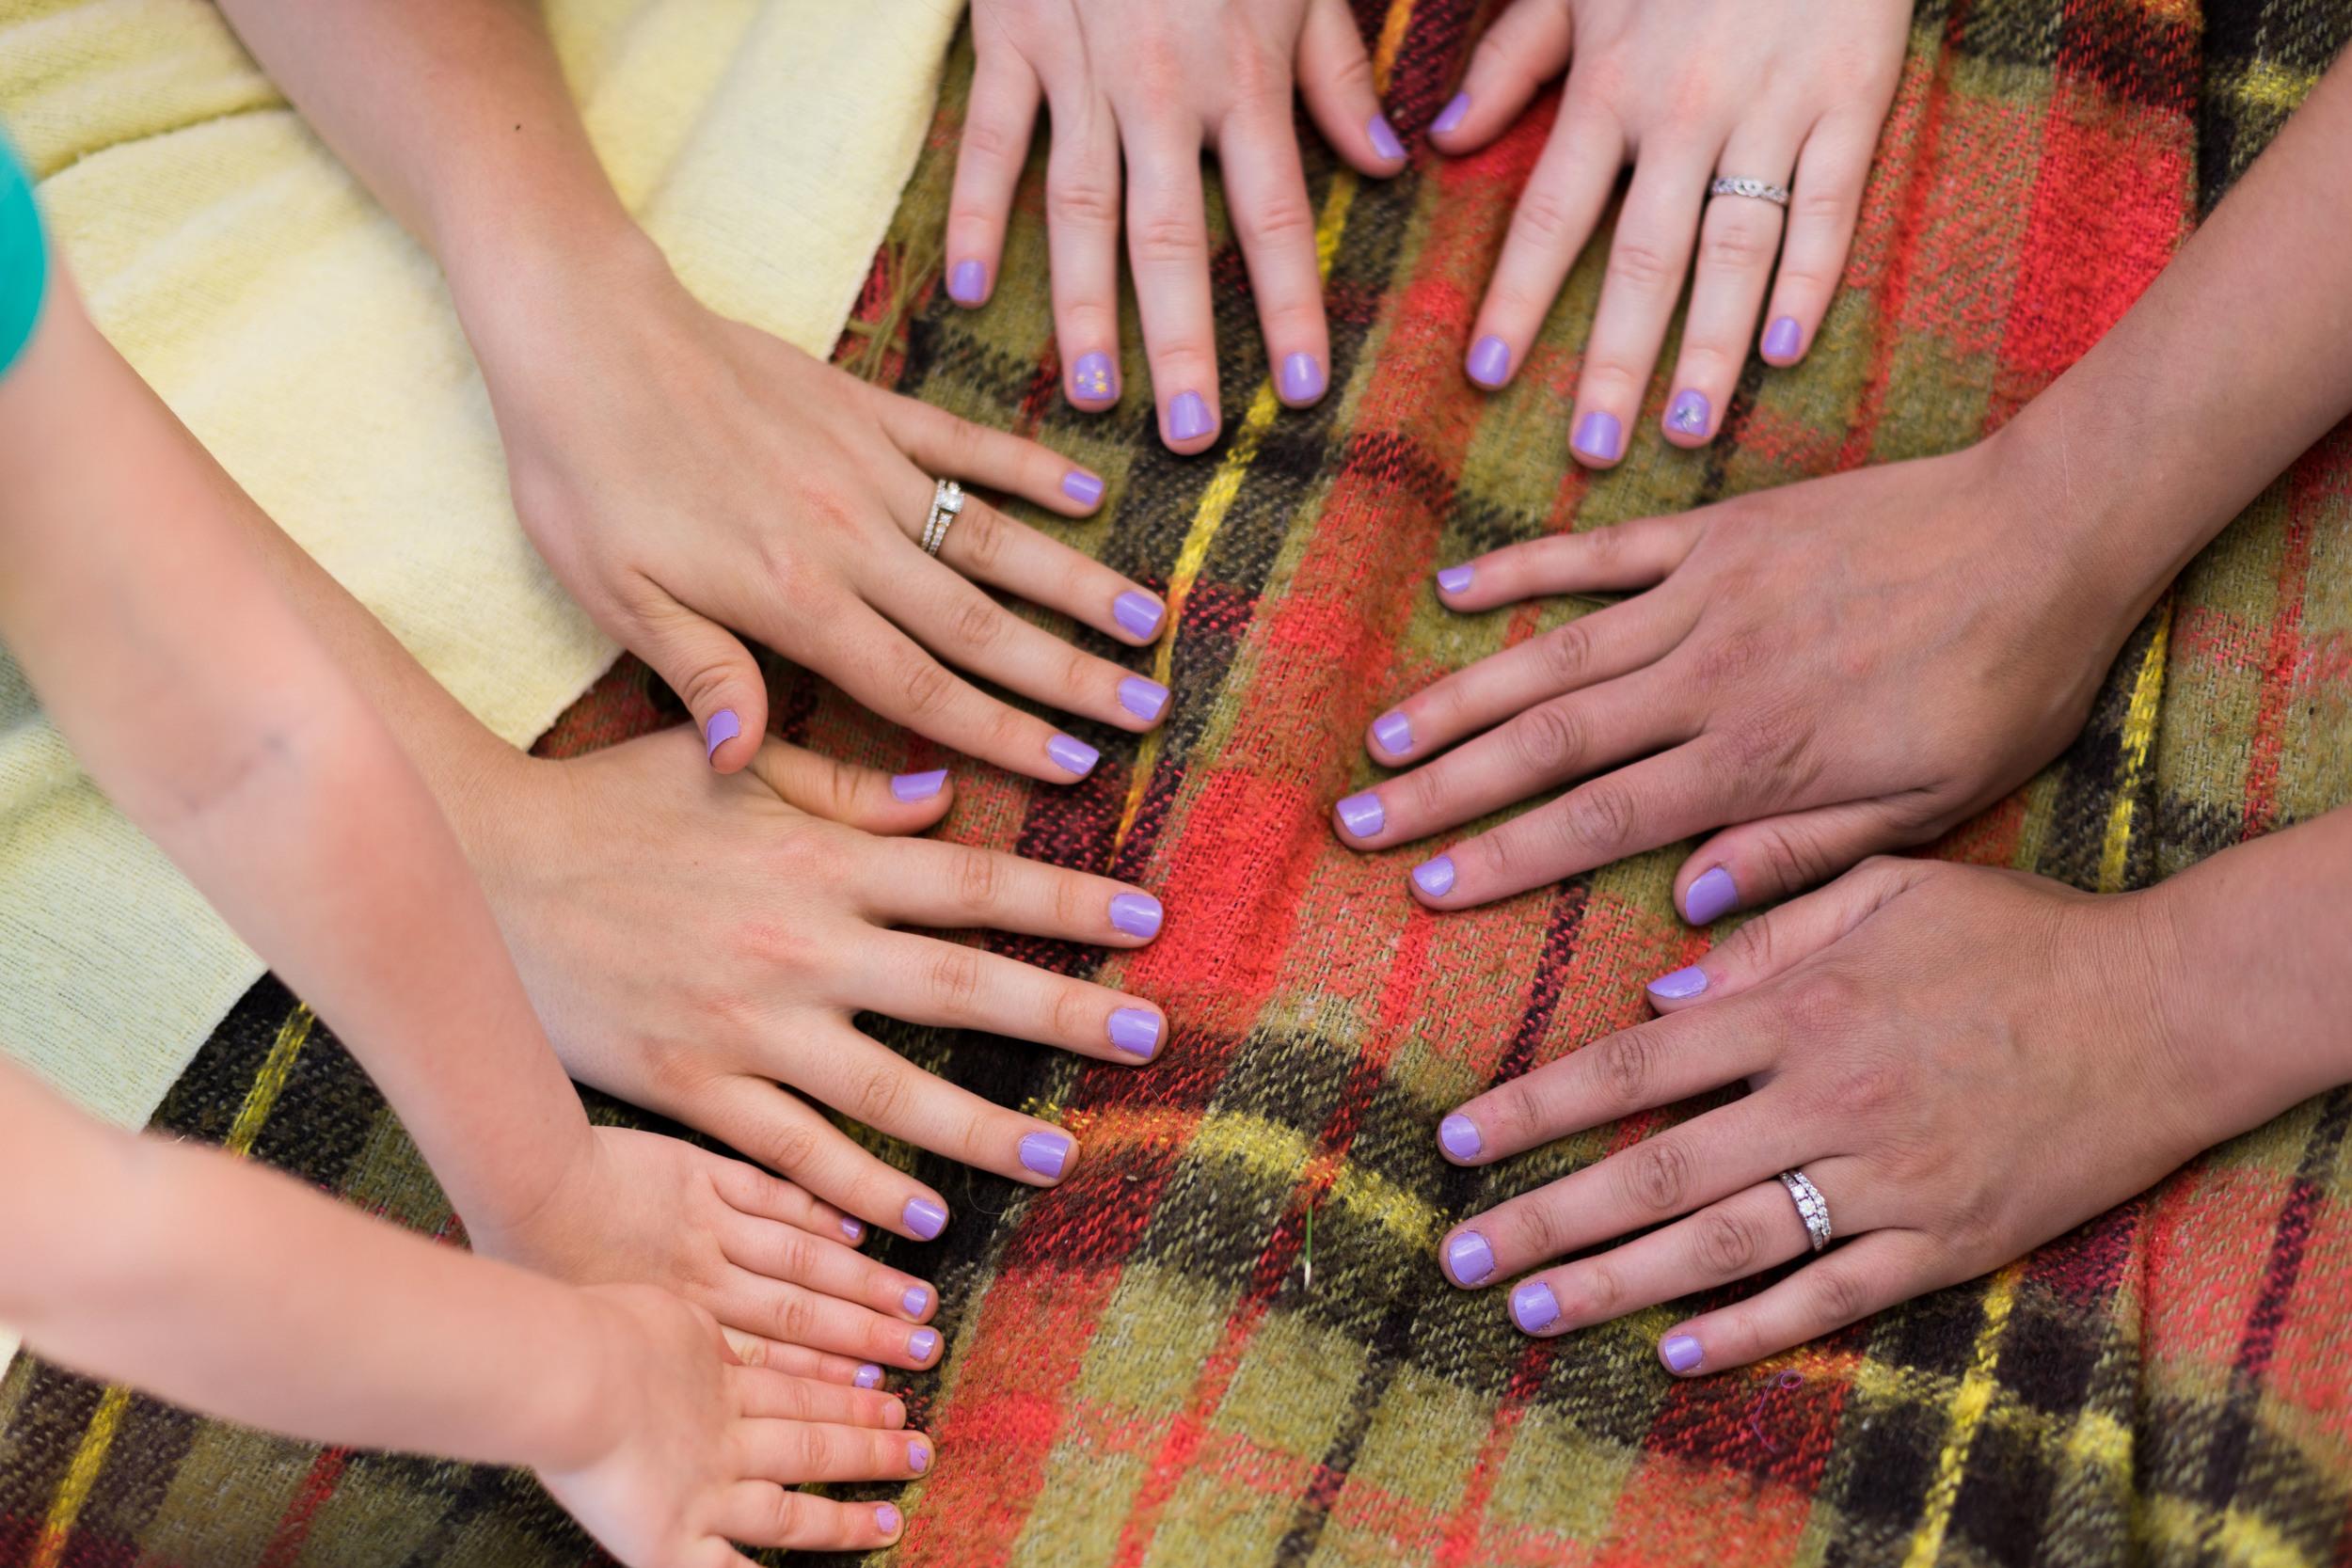 brett-smith-photo-mothers-day-nail-polish.jpg